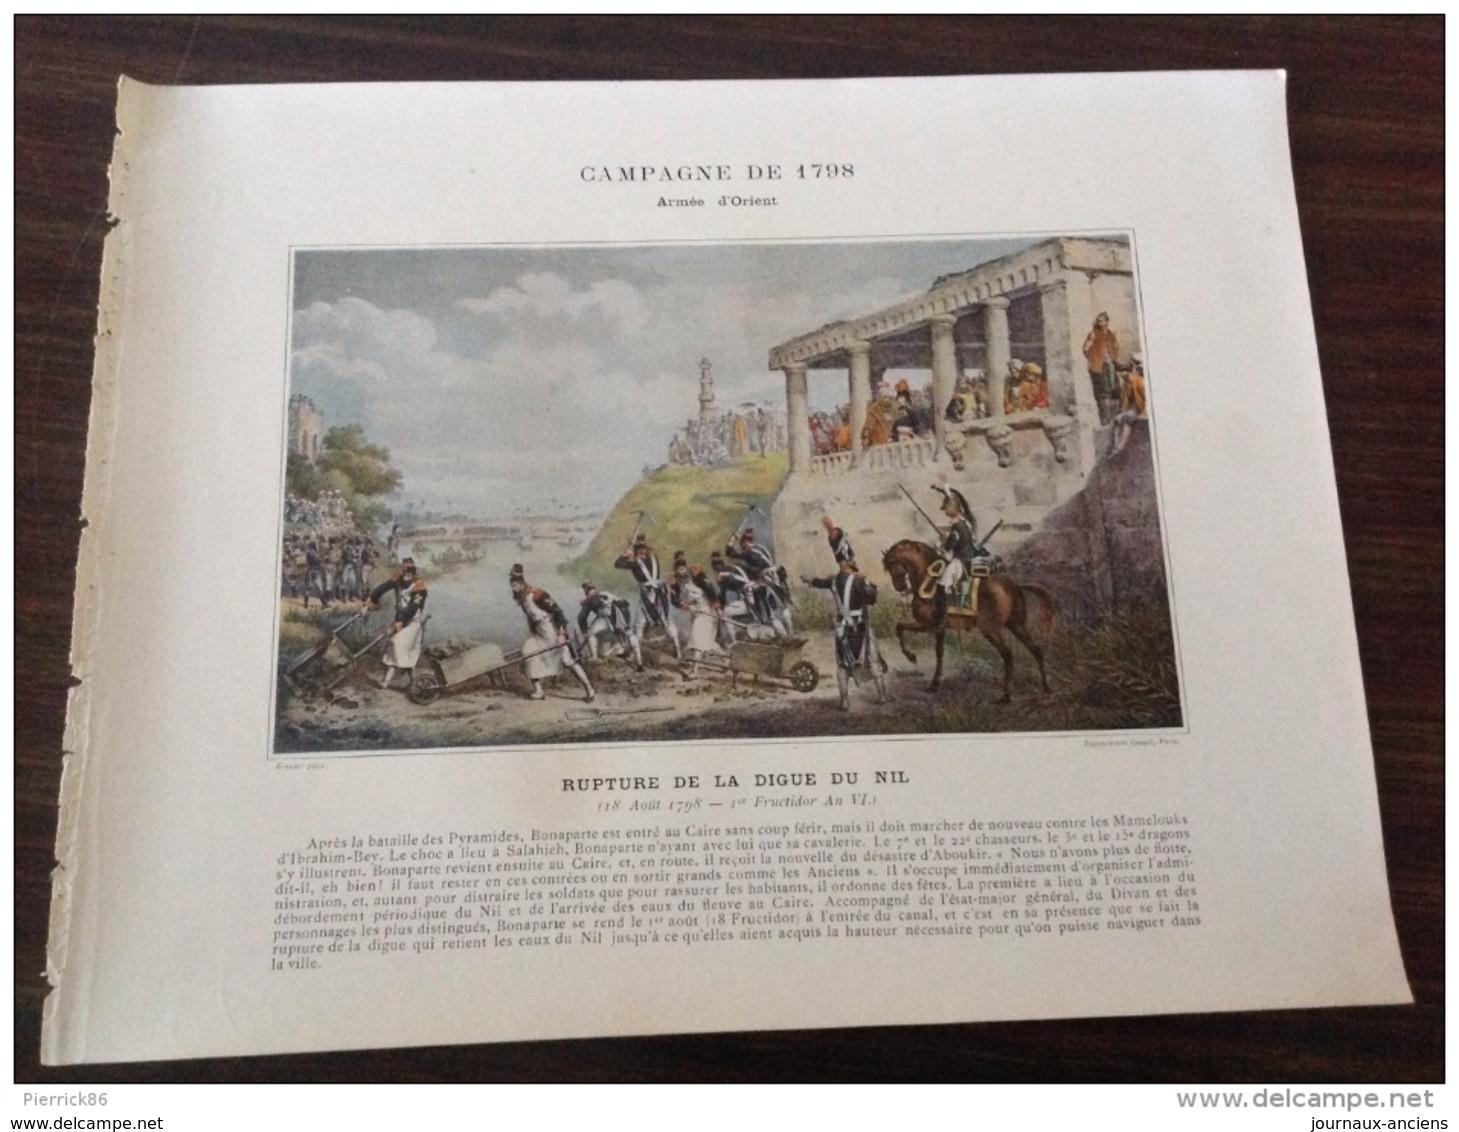 CAMPAGNE DE 1798 - RUPTURE DE LA DIGUE DU NIL - ARMÉE D'ORIENT - Vieux Papiers